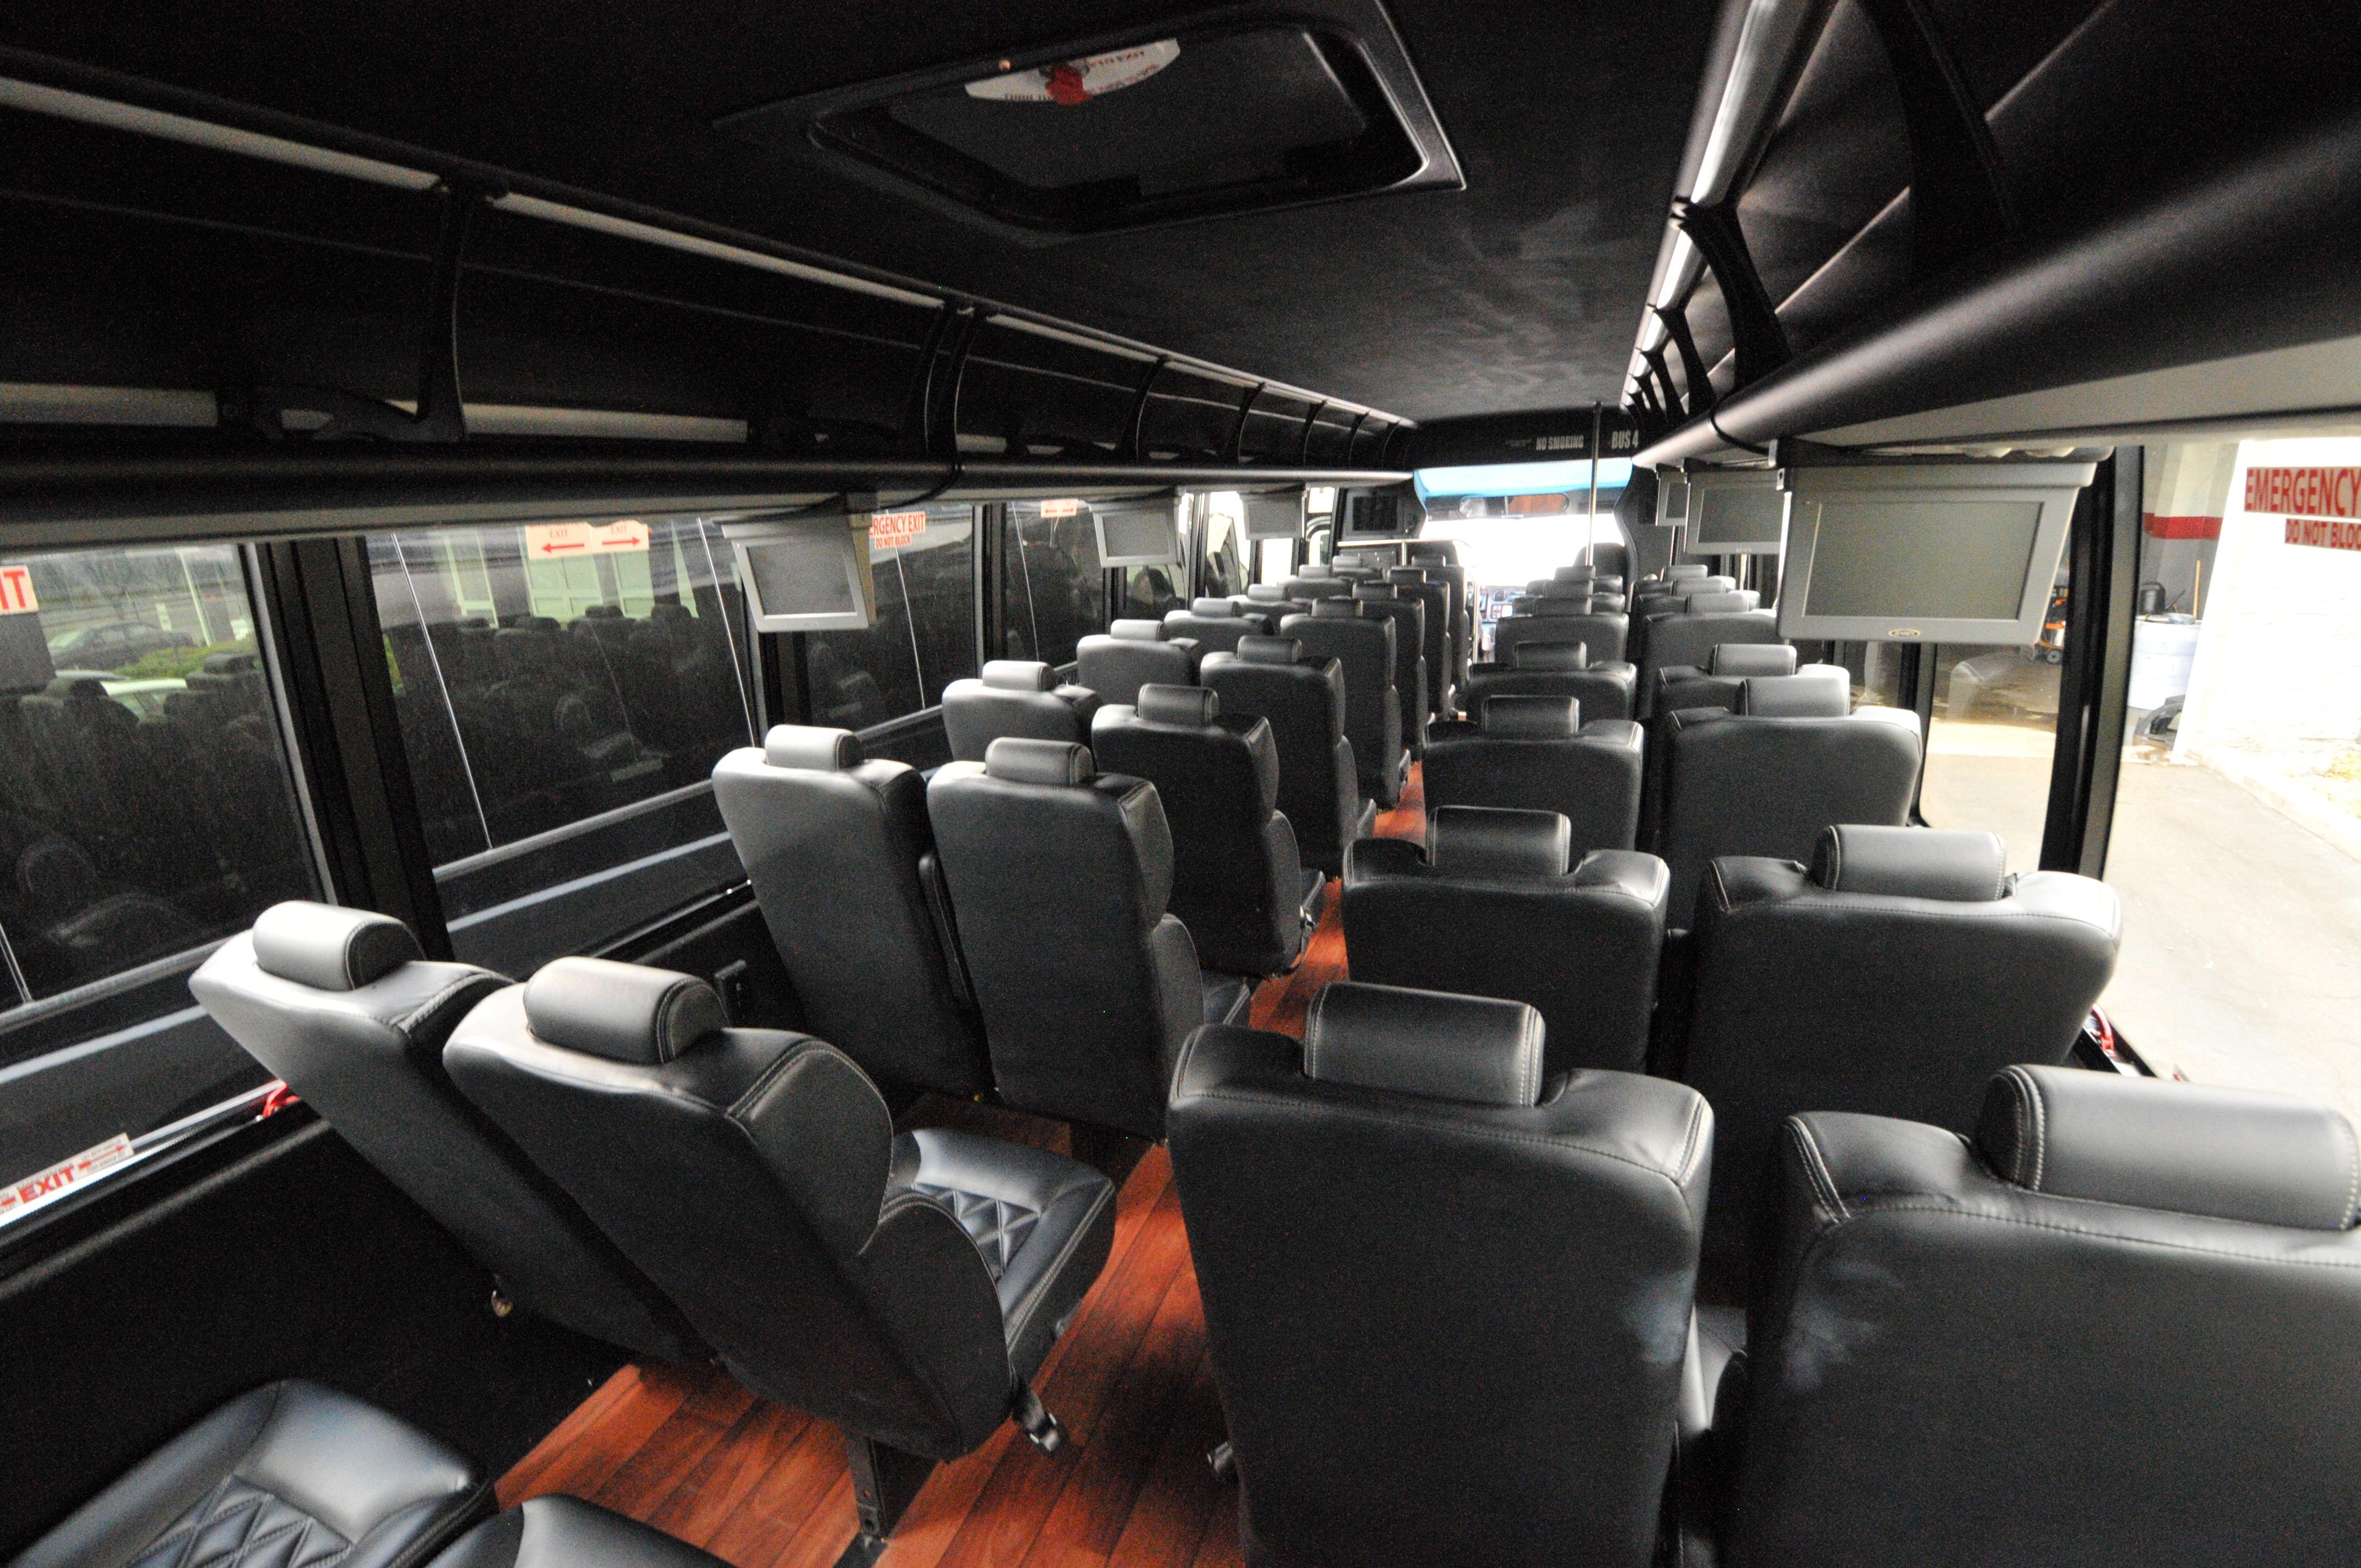 Gretch Minibus Services Interior